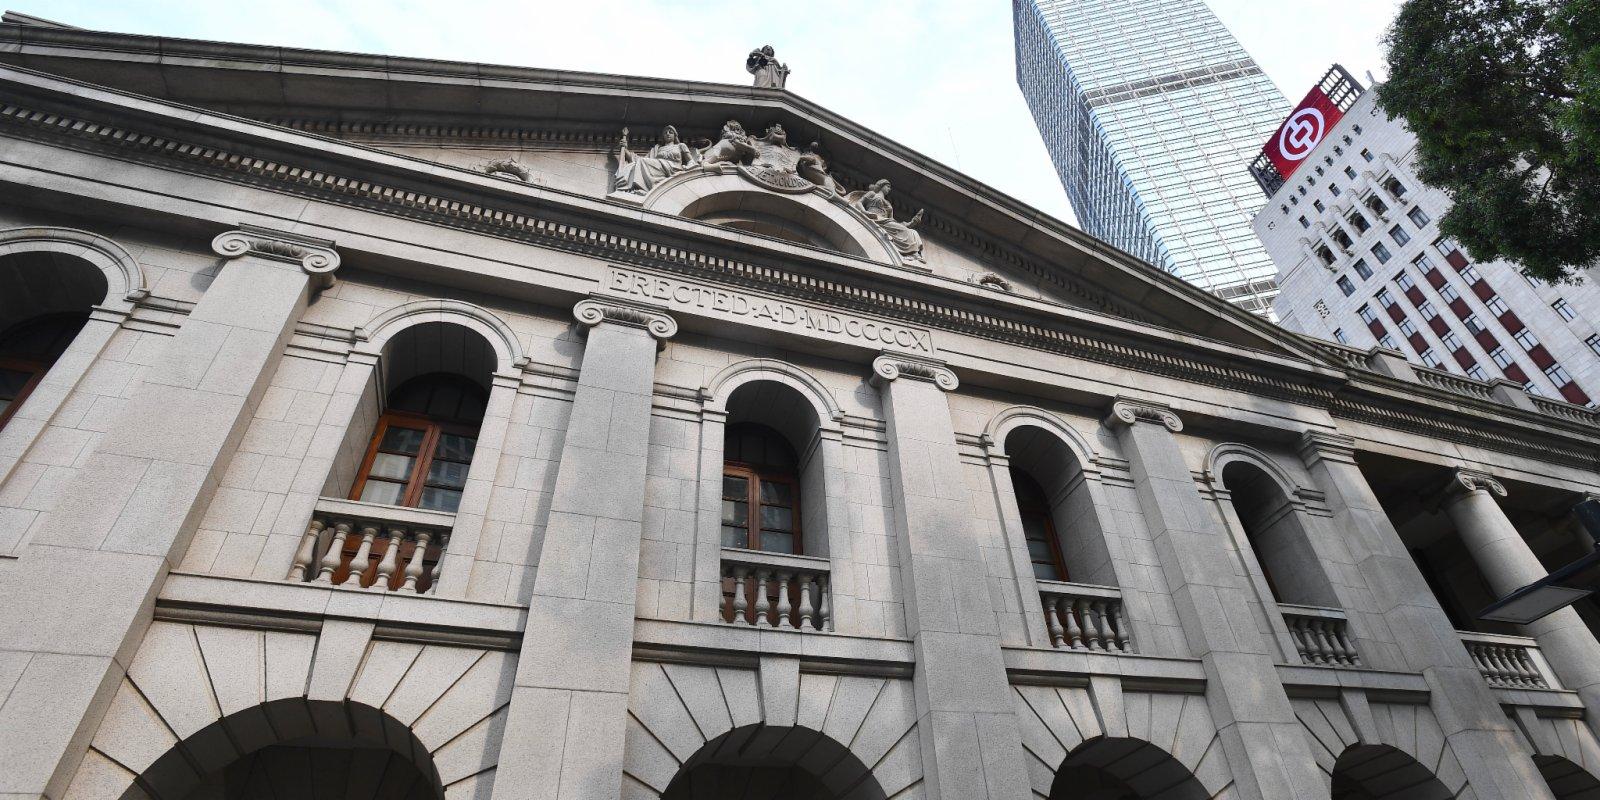 《基本法》頒布30周年法律高峰論壇明日舉行